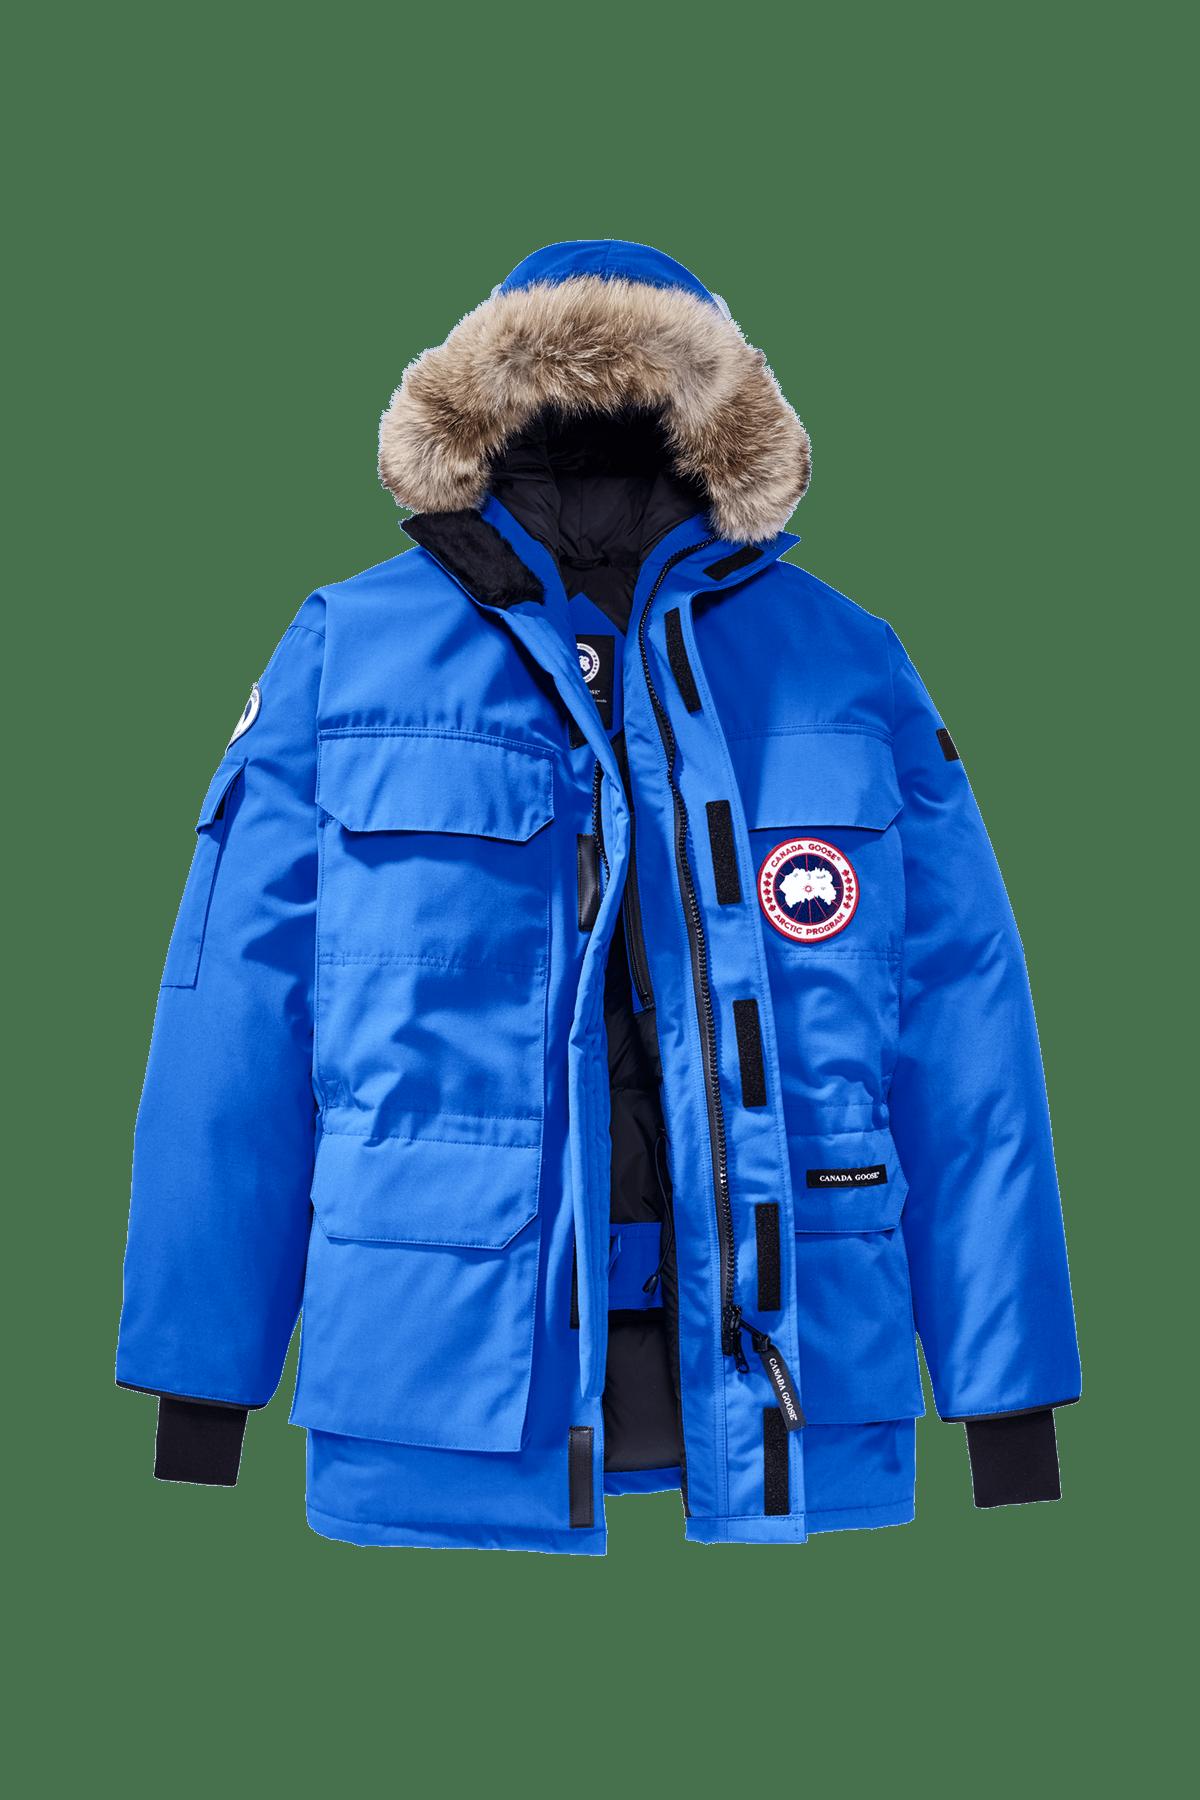 PBI jacket